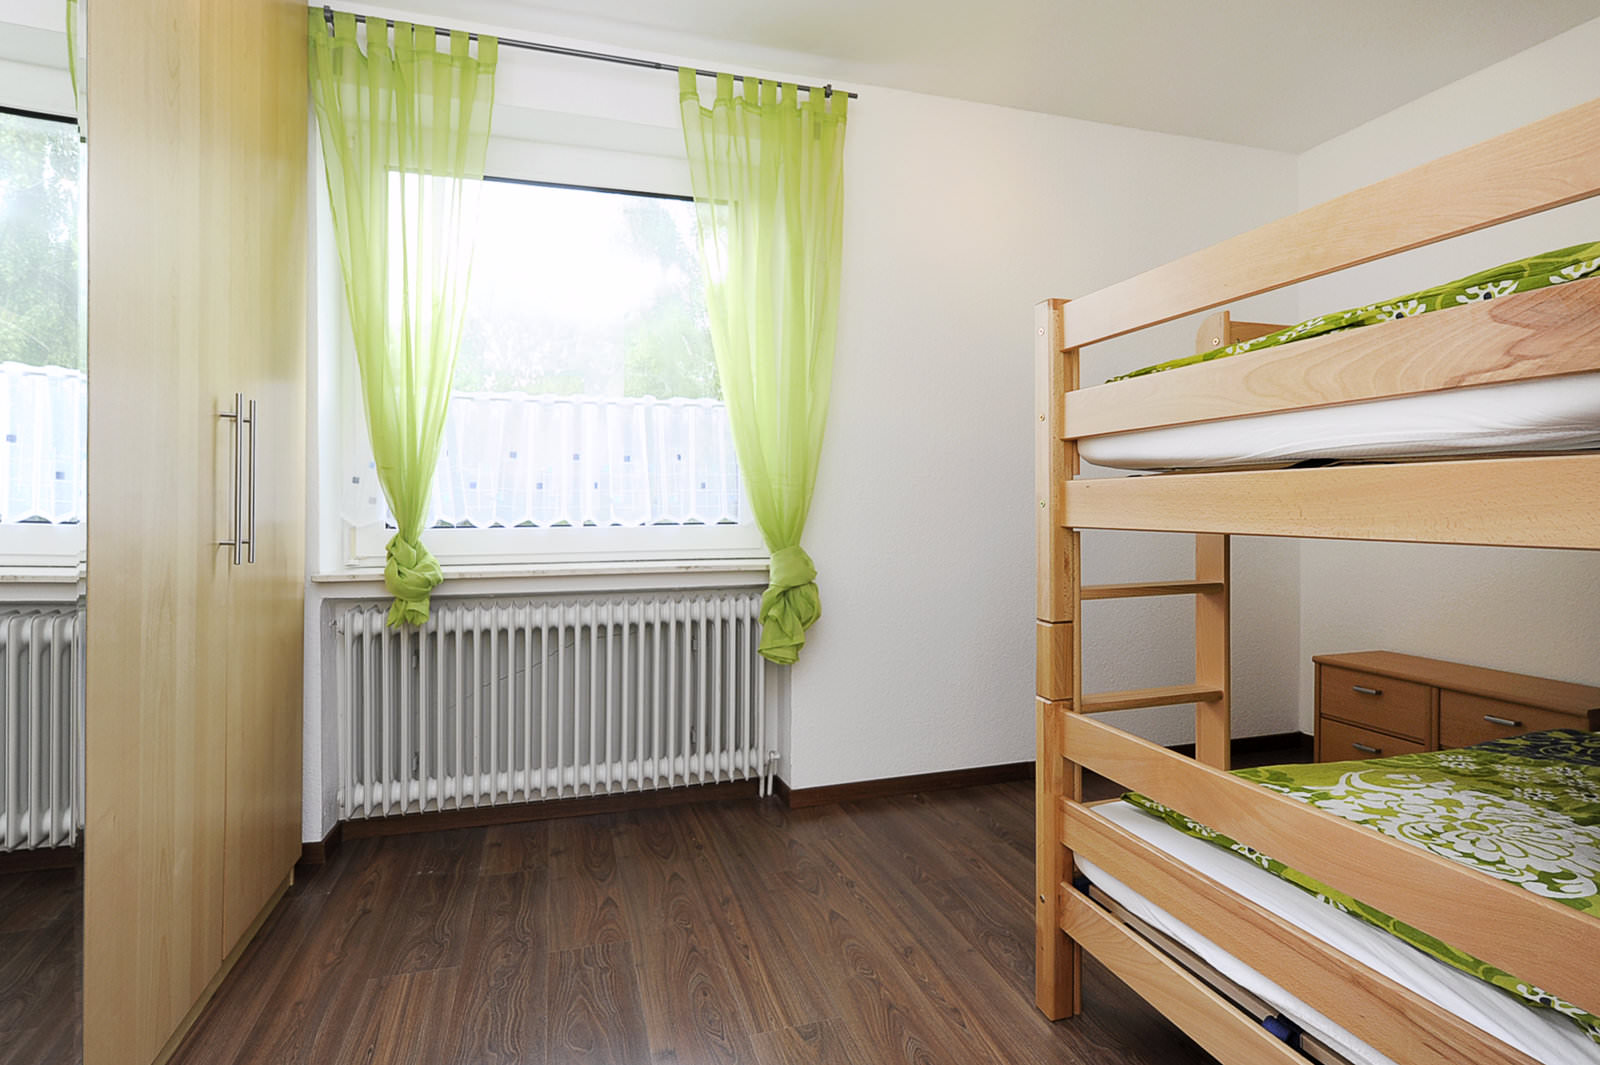 hochbetten mit schrank stunning hochbett tomi schrank treppe und gstebett mit in wei schwarz. Black Bedroom Furniture Sets. Home Design Ideas